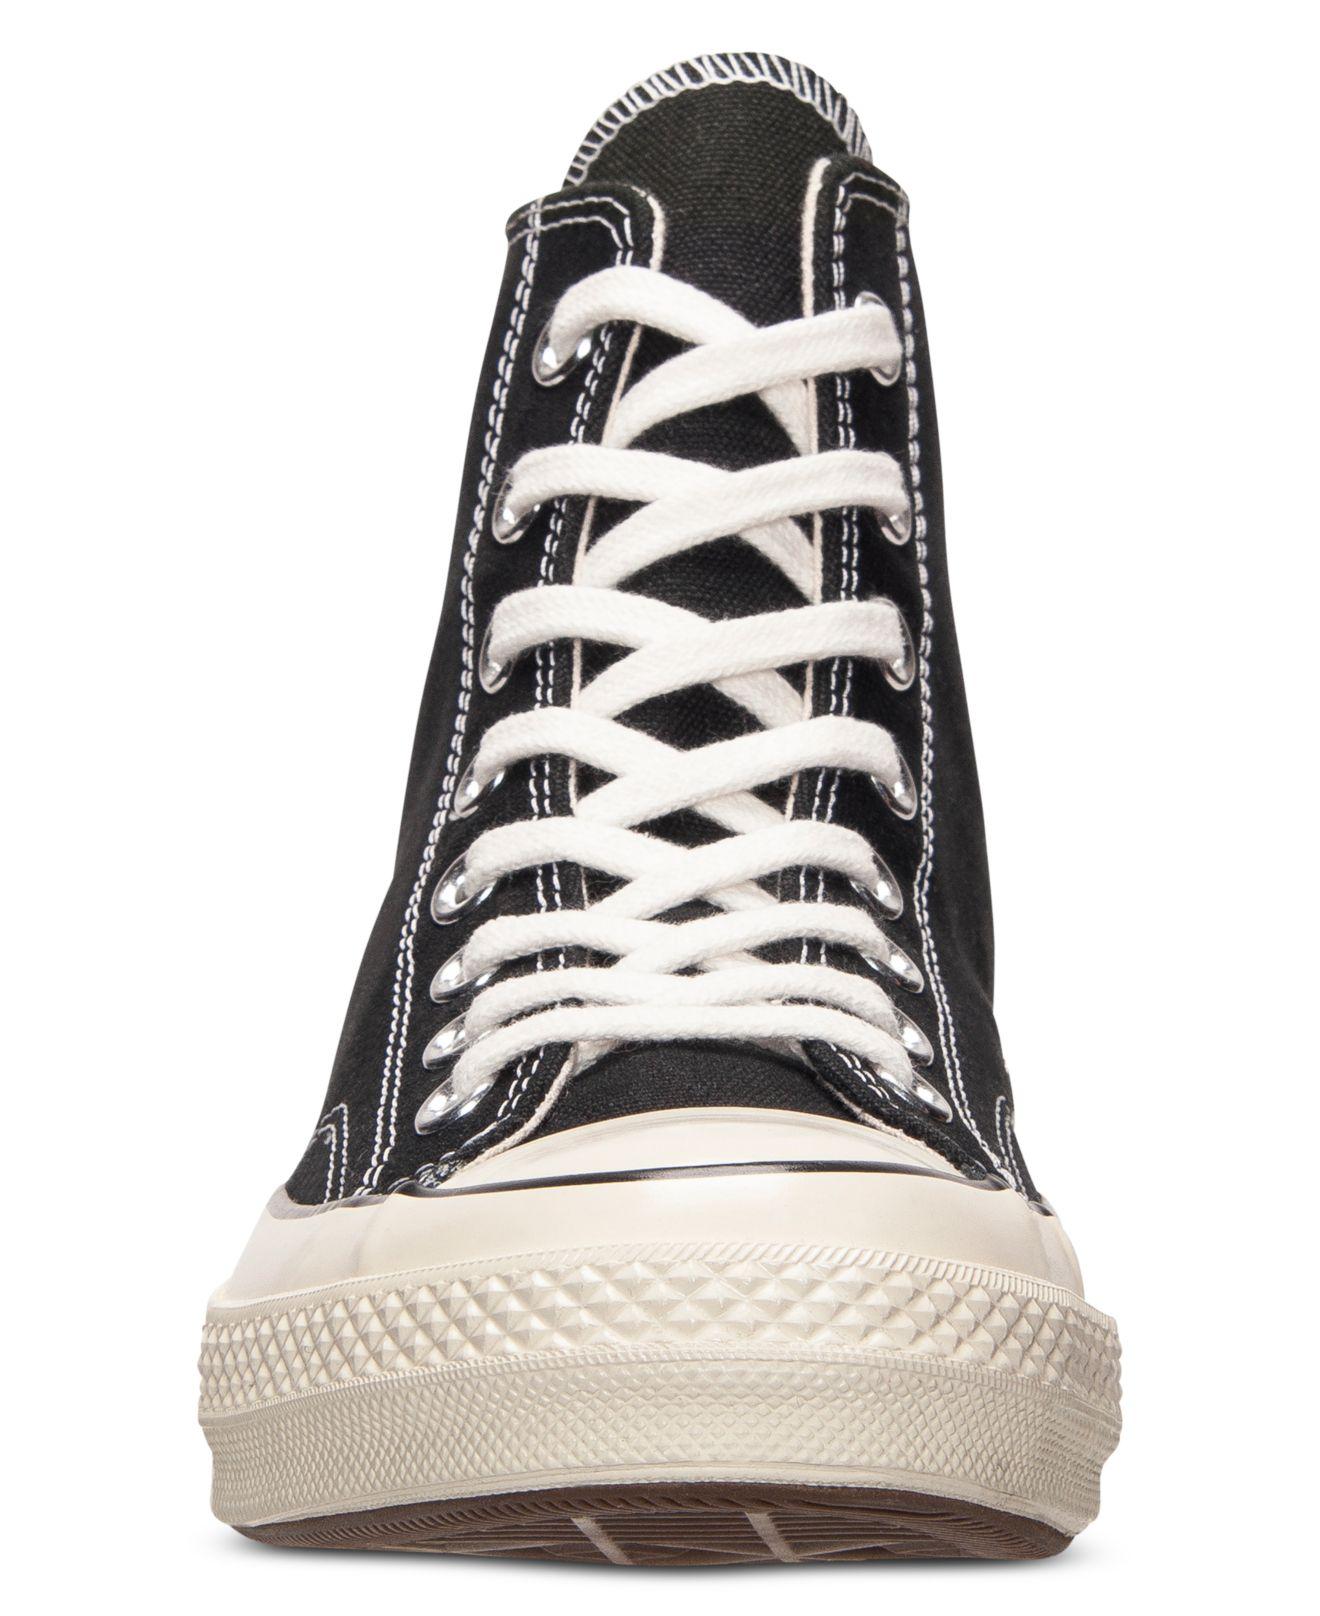 Converse Look Alike Work Shoes